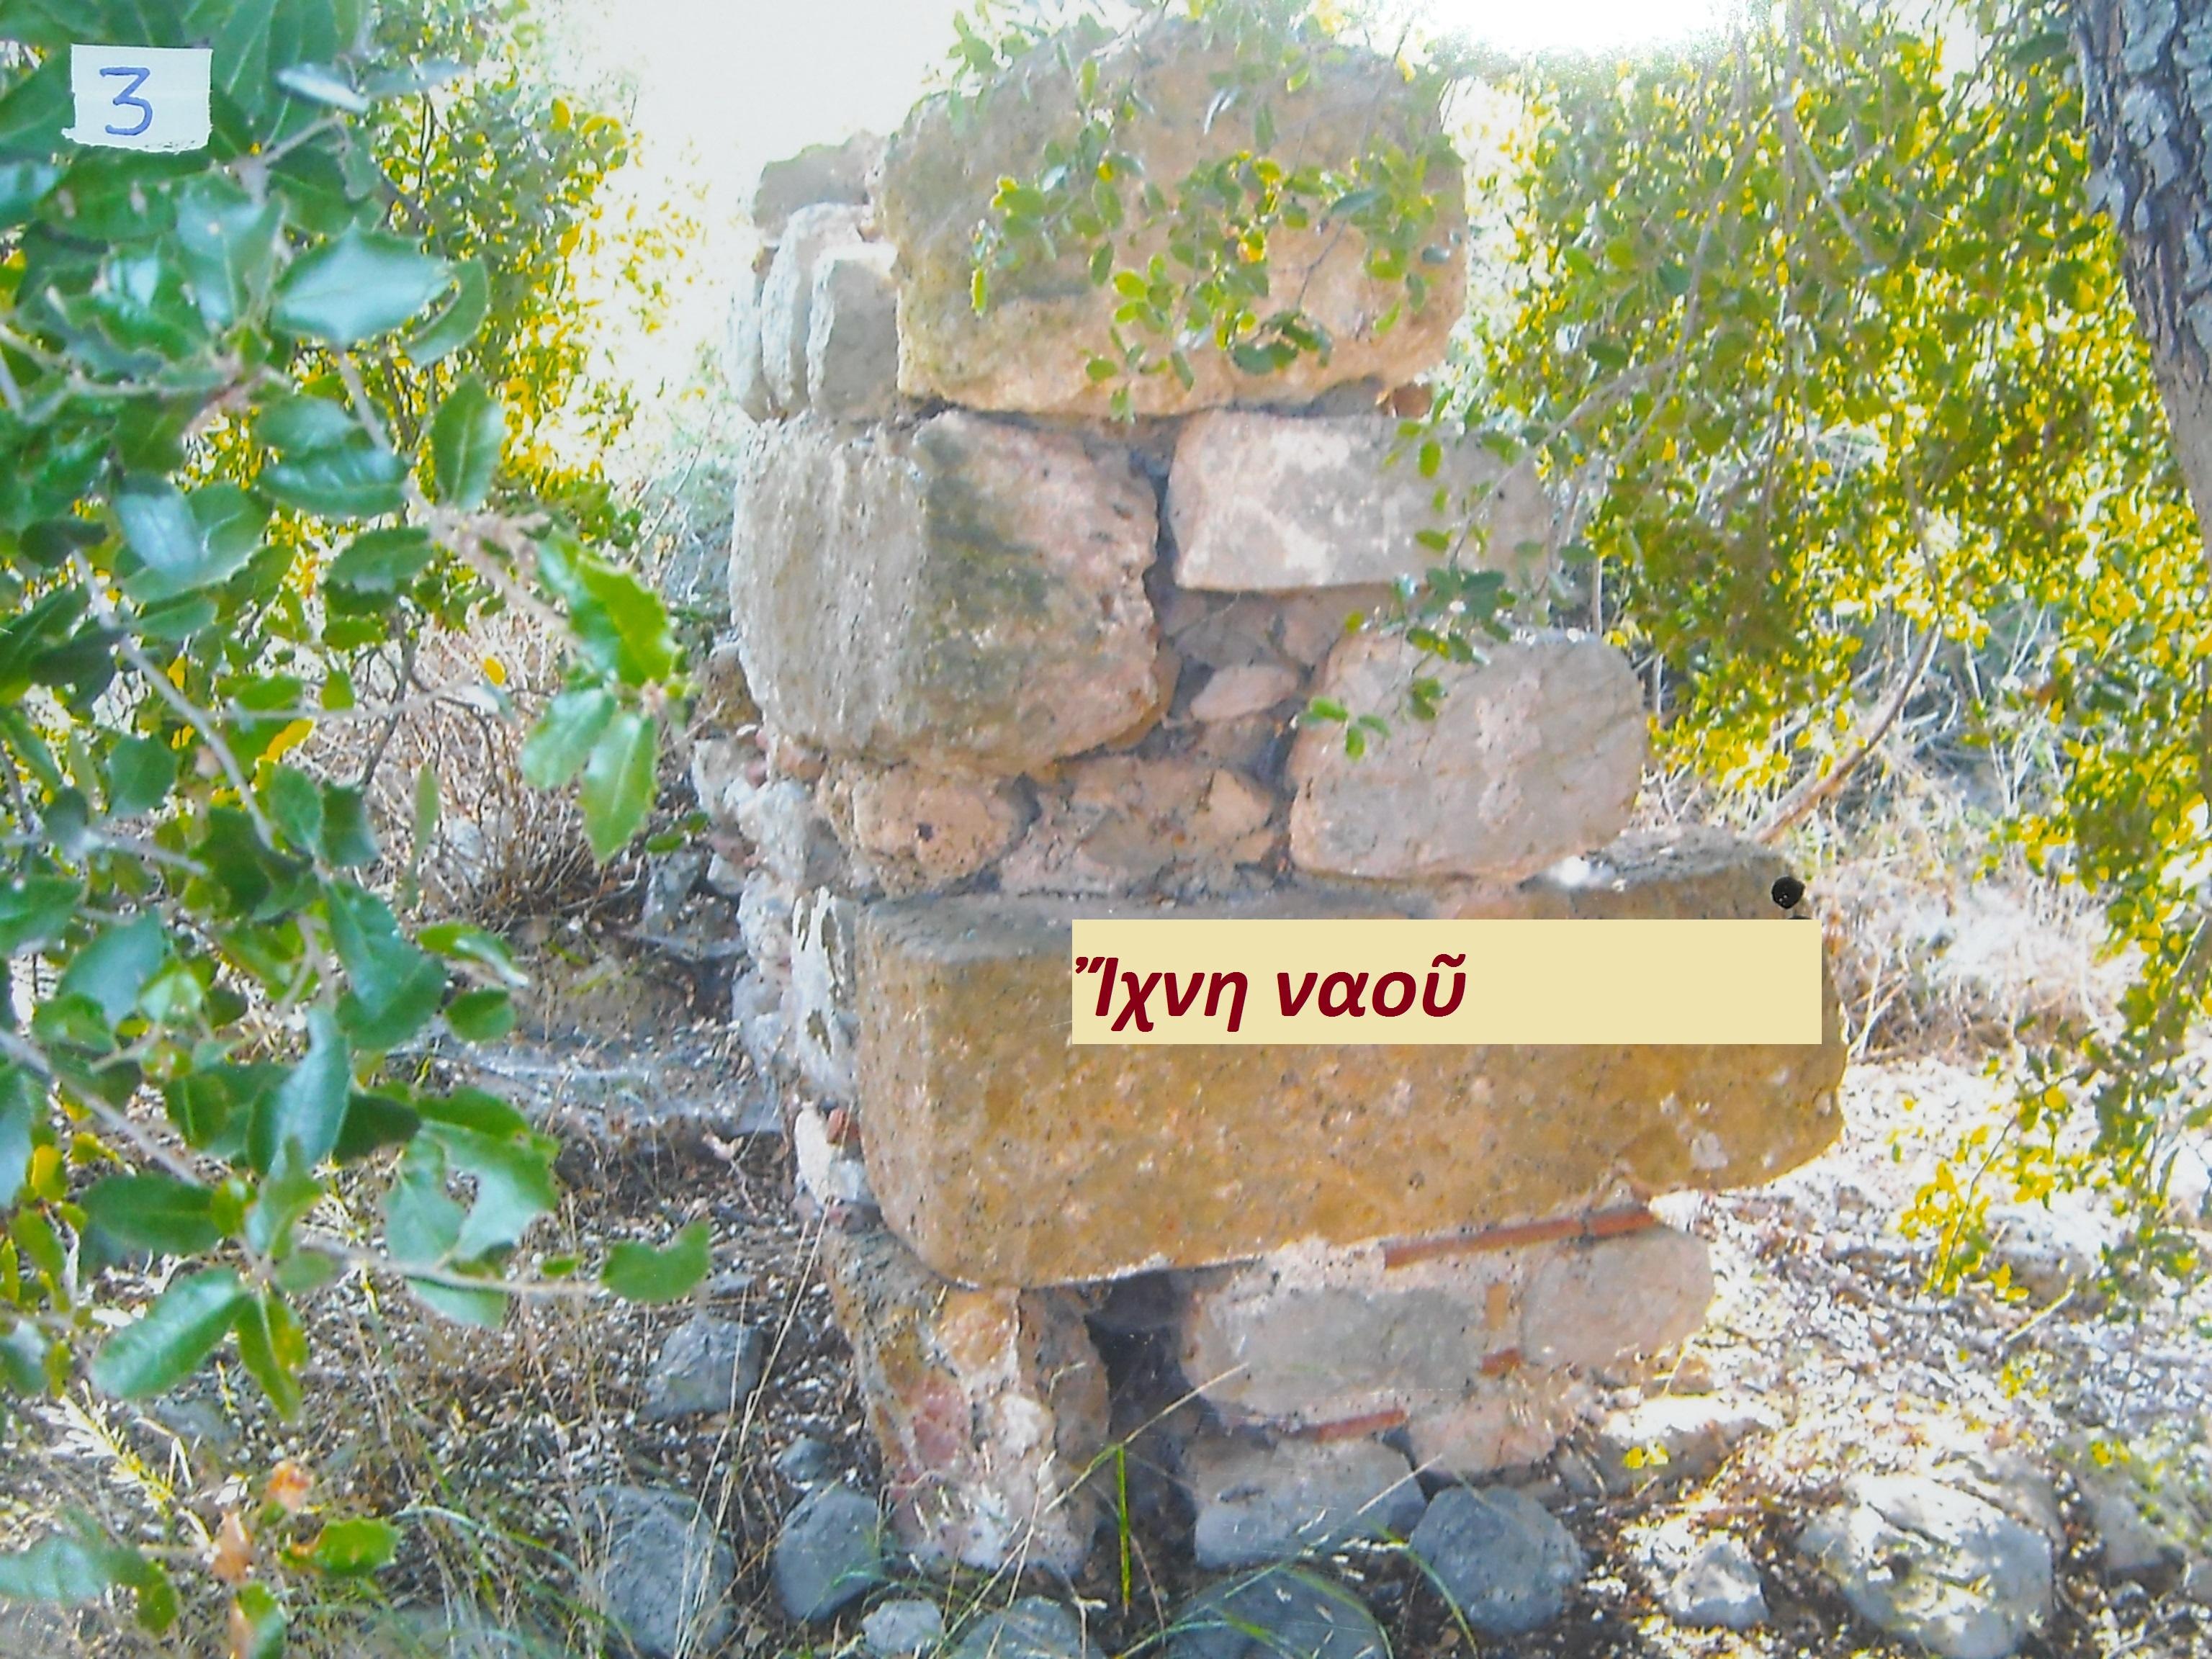 Ἡ ἀρχαία Κυρτώνη καὶ ἡ ἔρις γιὰ τὴν θέση της.12